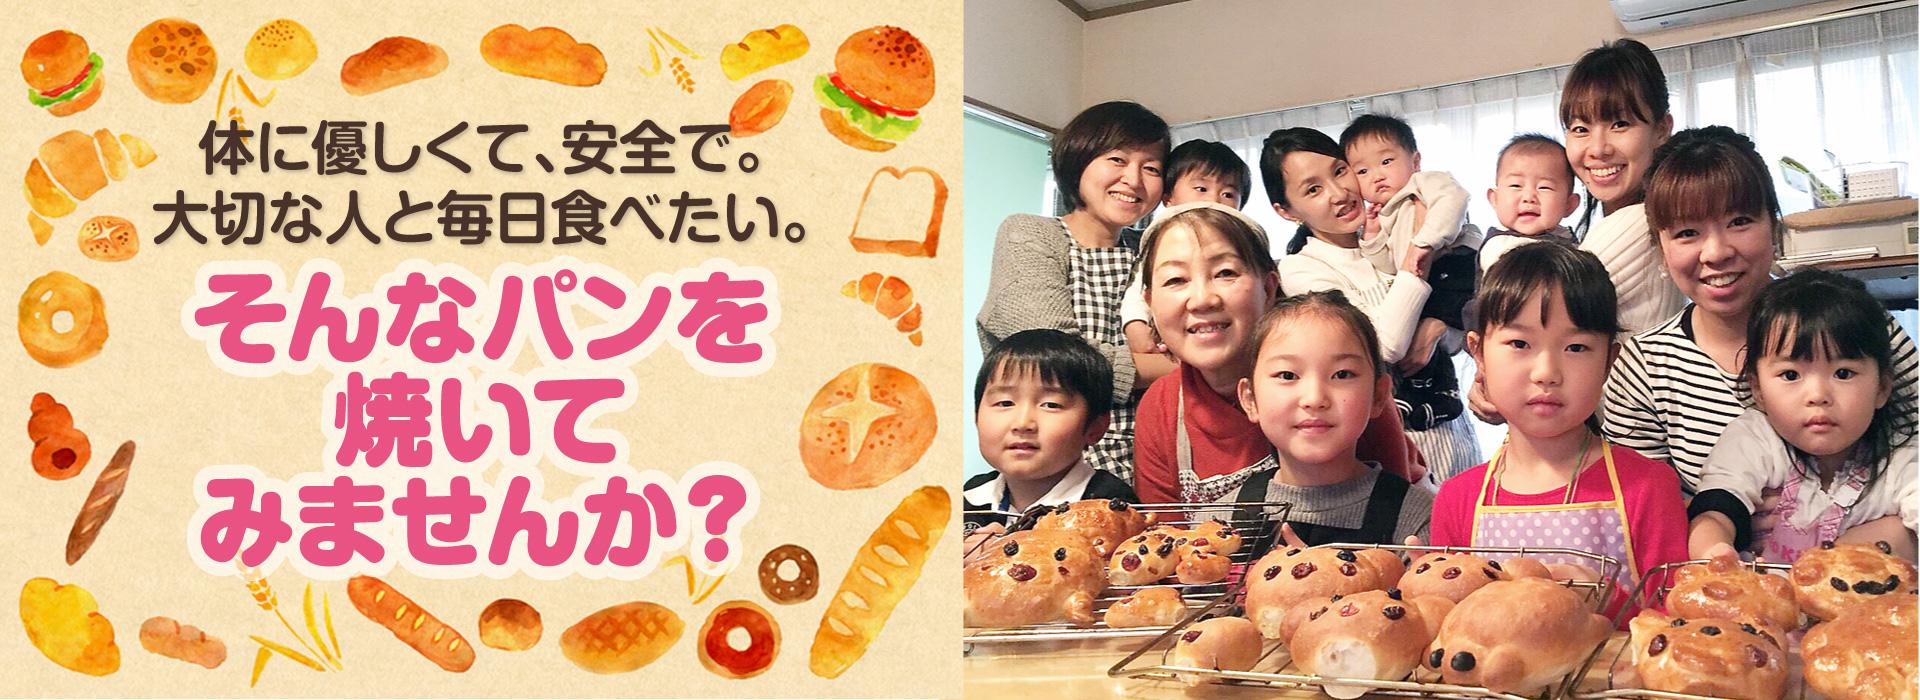 東京国立市のパン作りレッスン教室|土屋パン教室